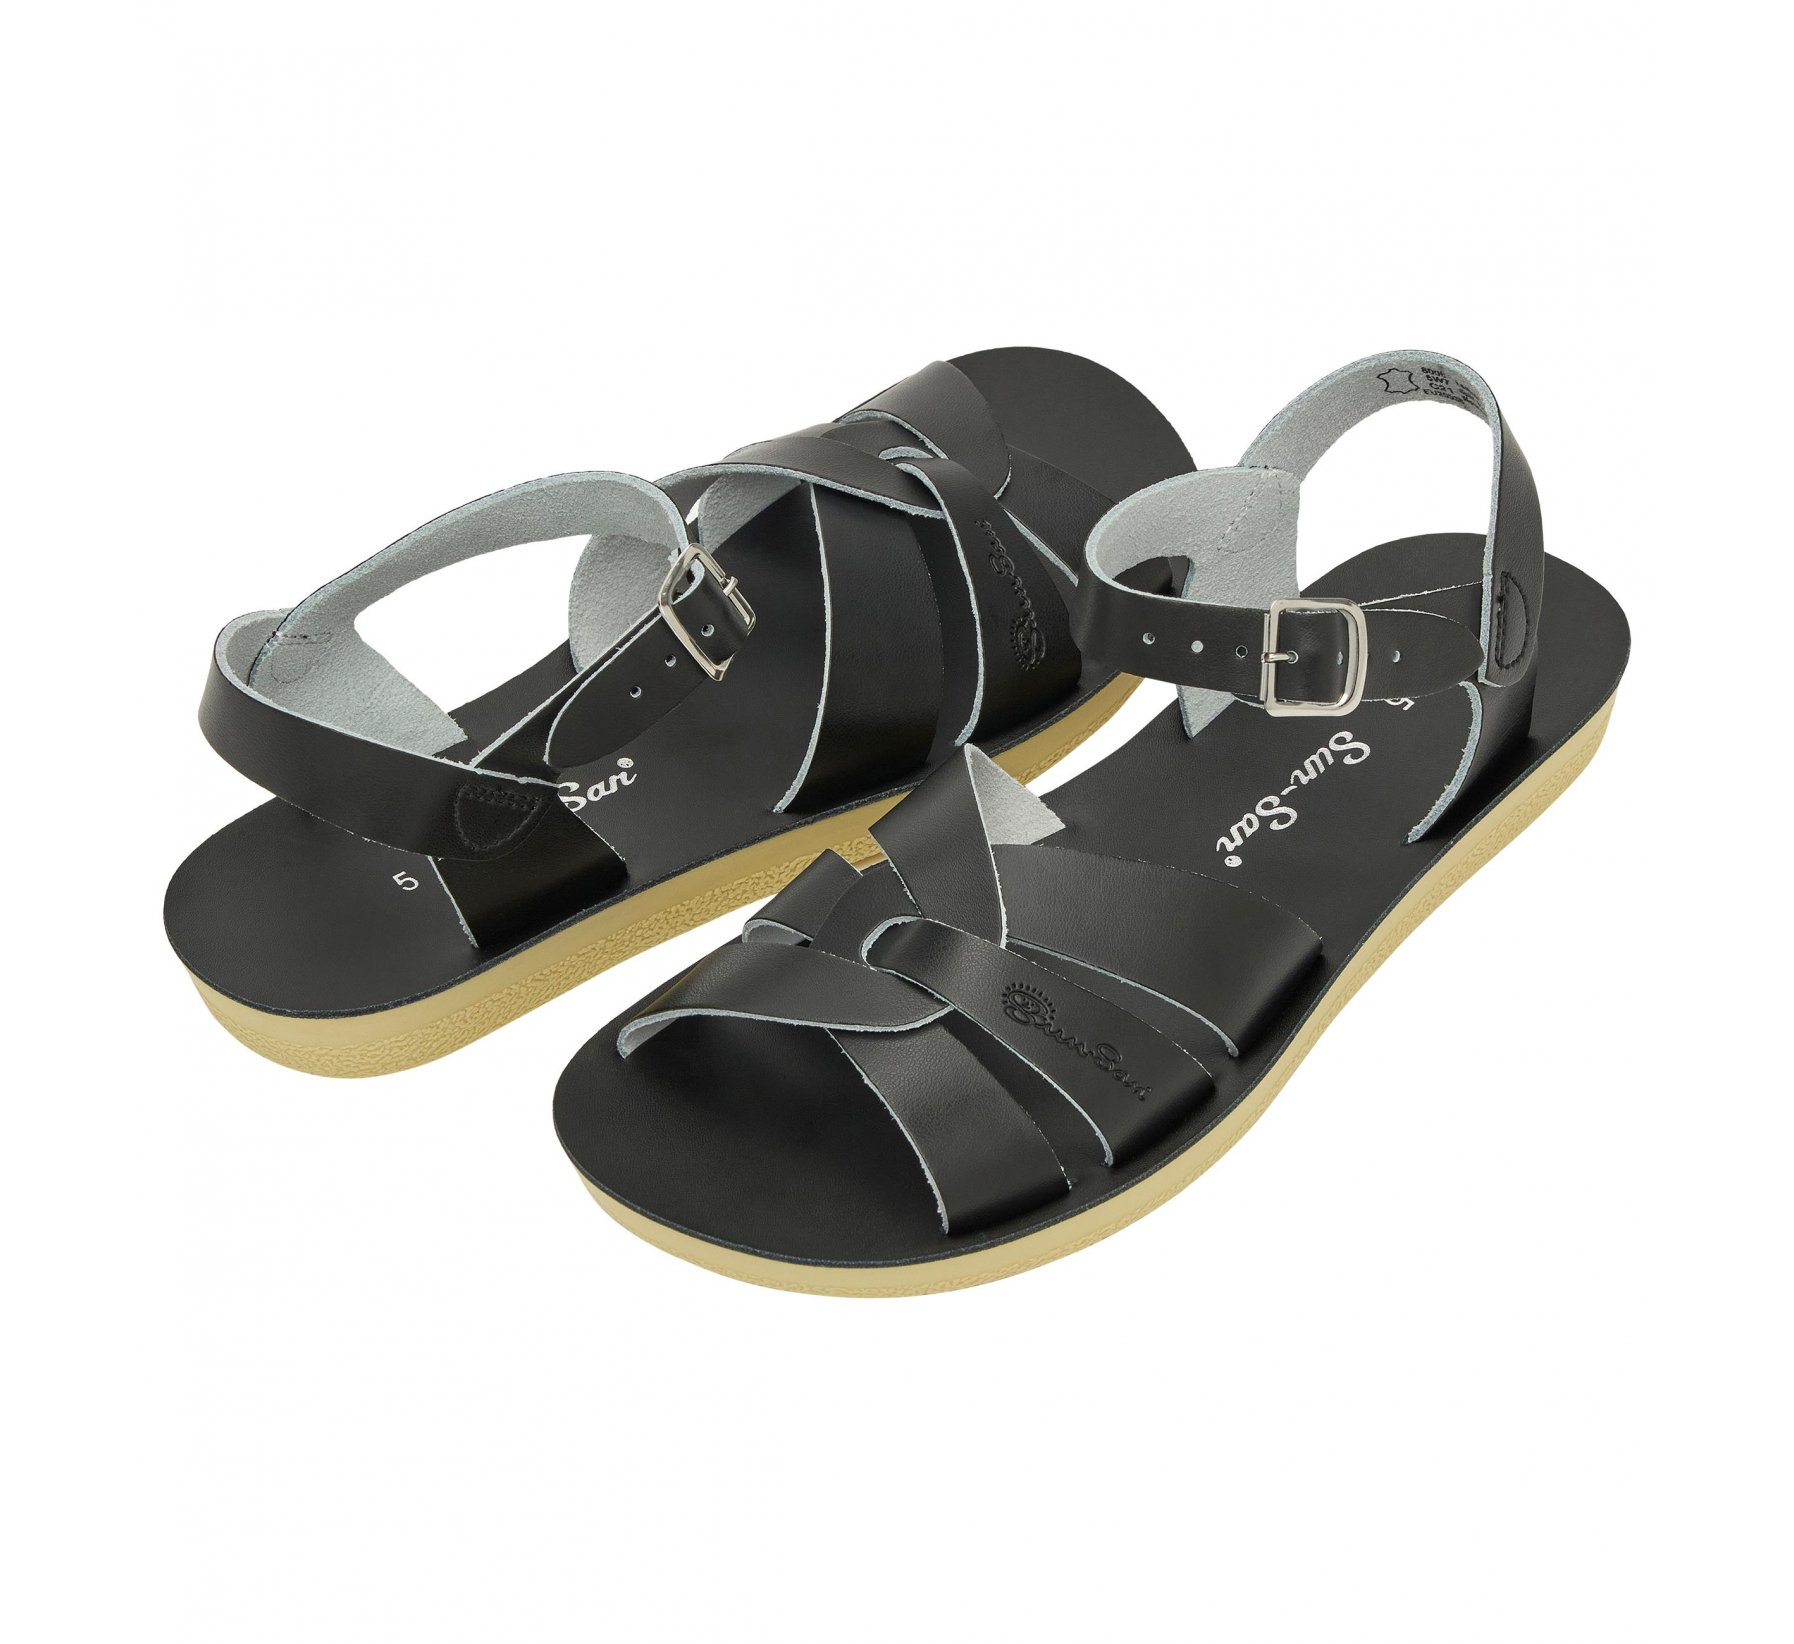 Swimmer Black - Salt Water Sandals